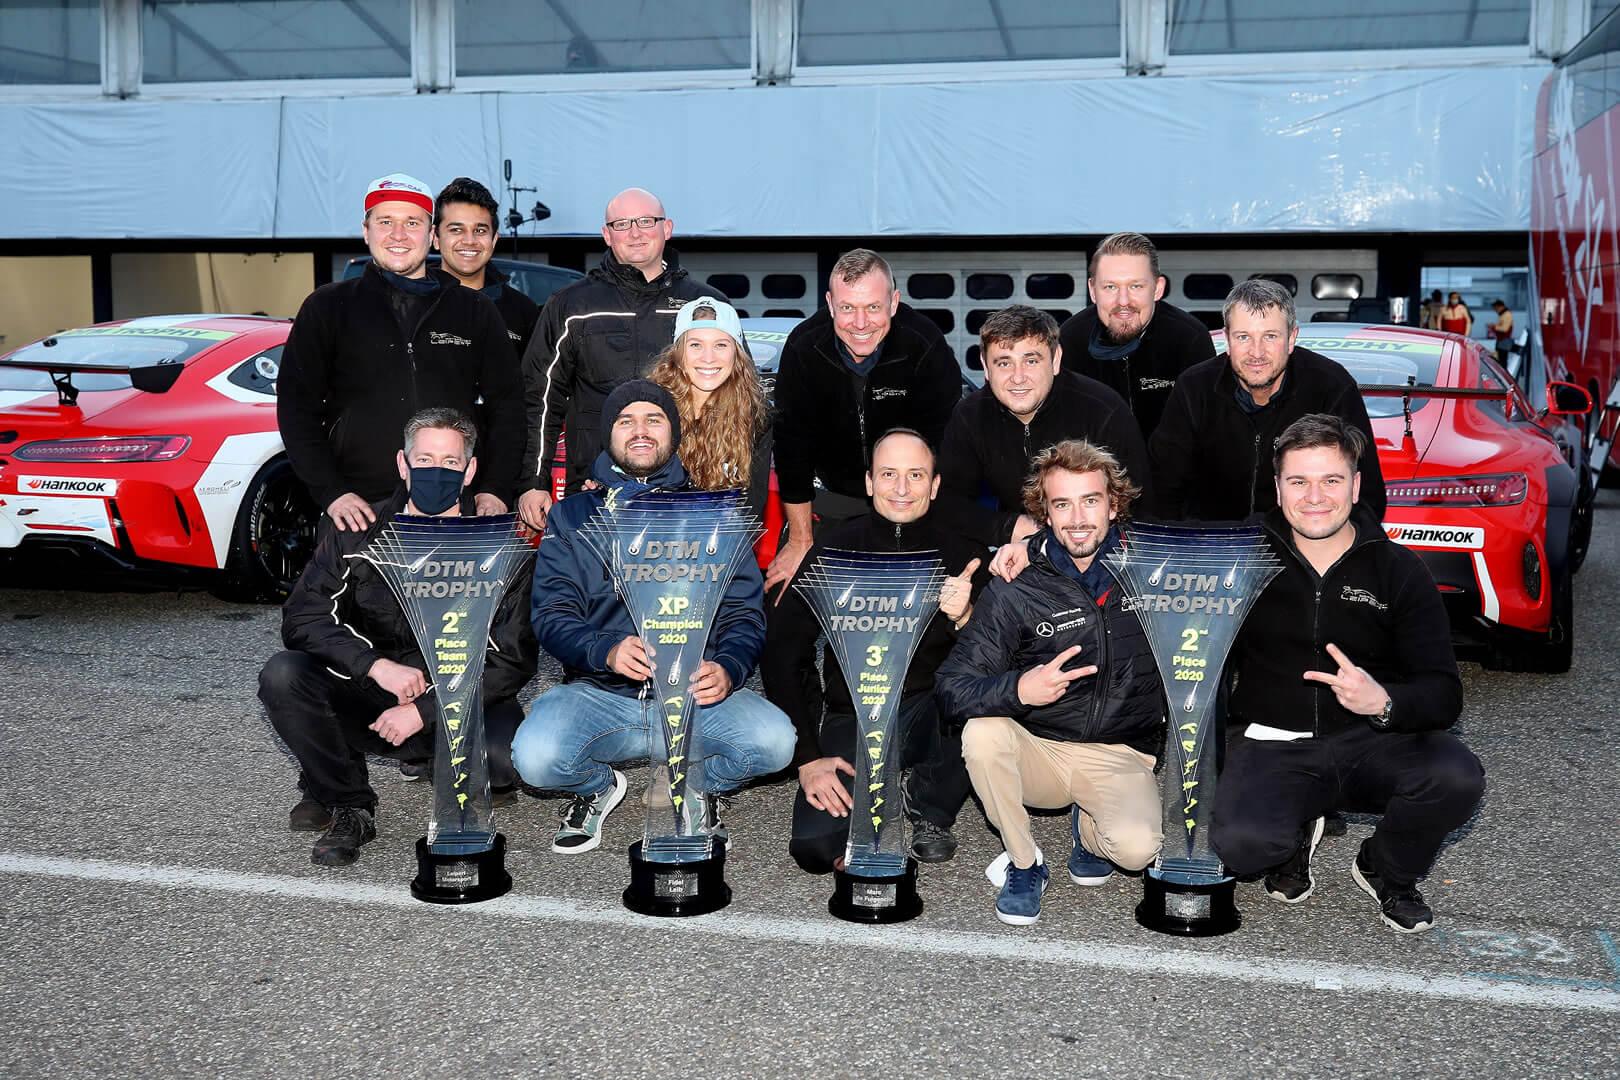 DTM Trophy Meister 2020